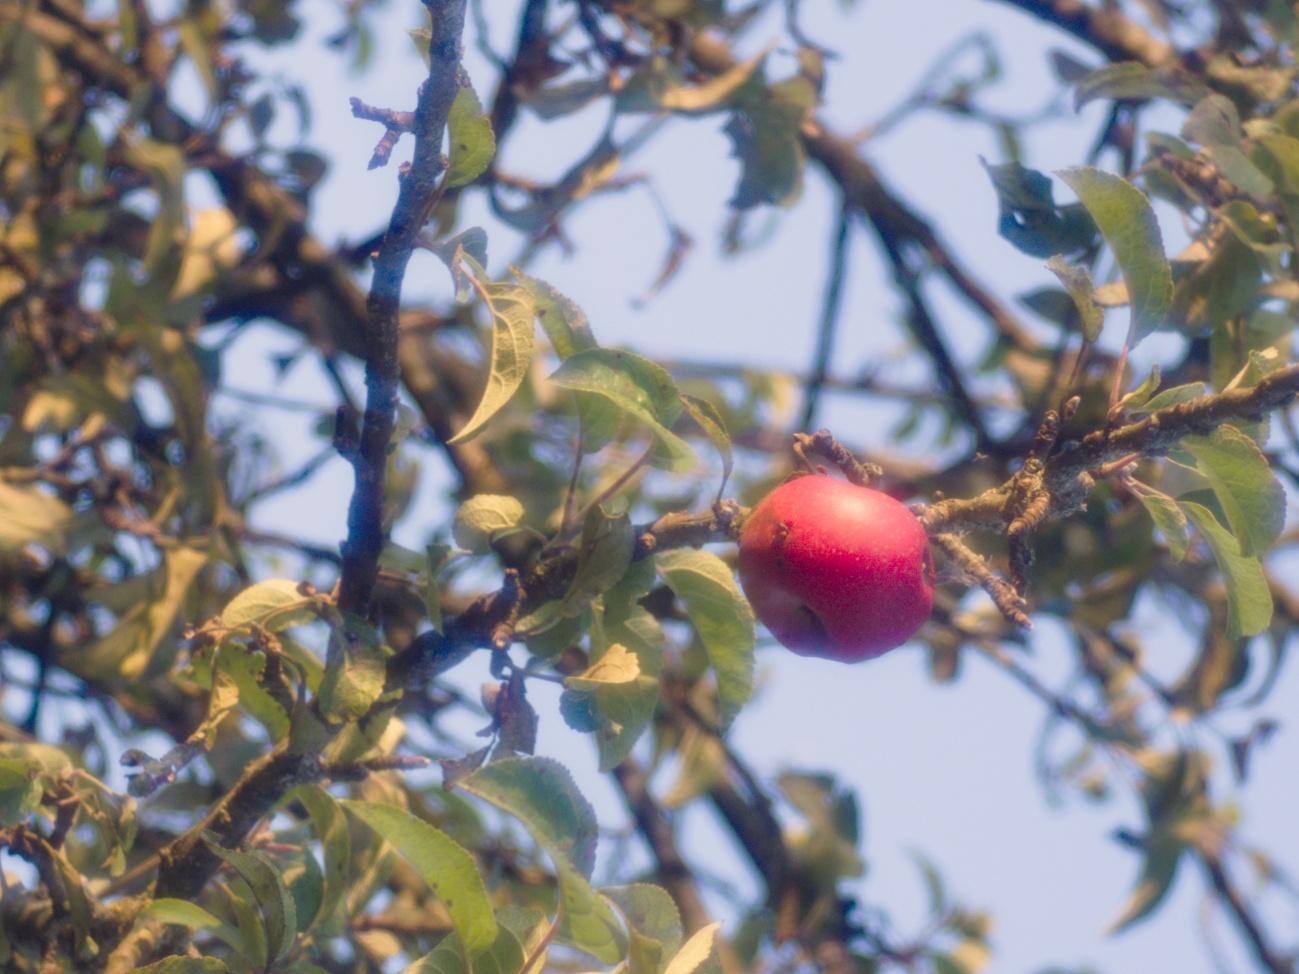 Ein Apfel hat das Hagelunwetter überlebt